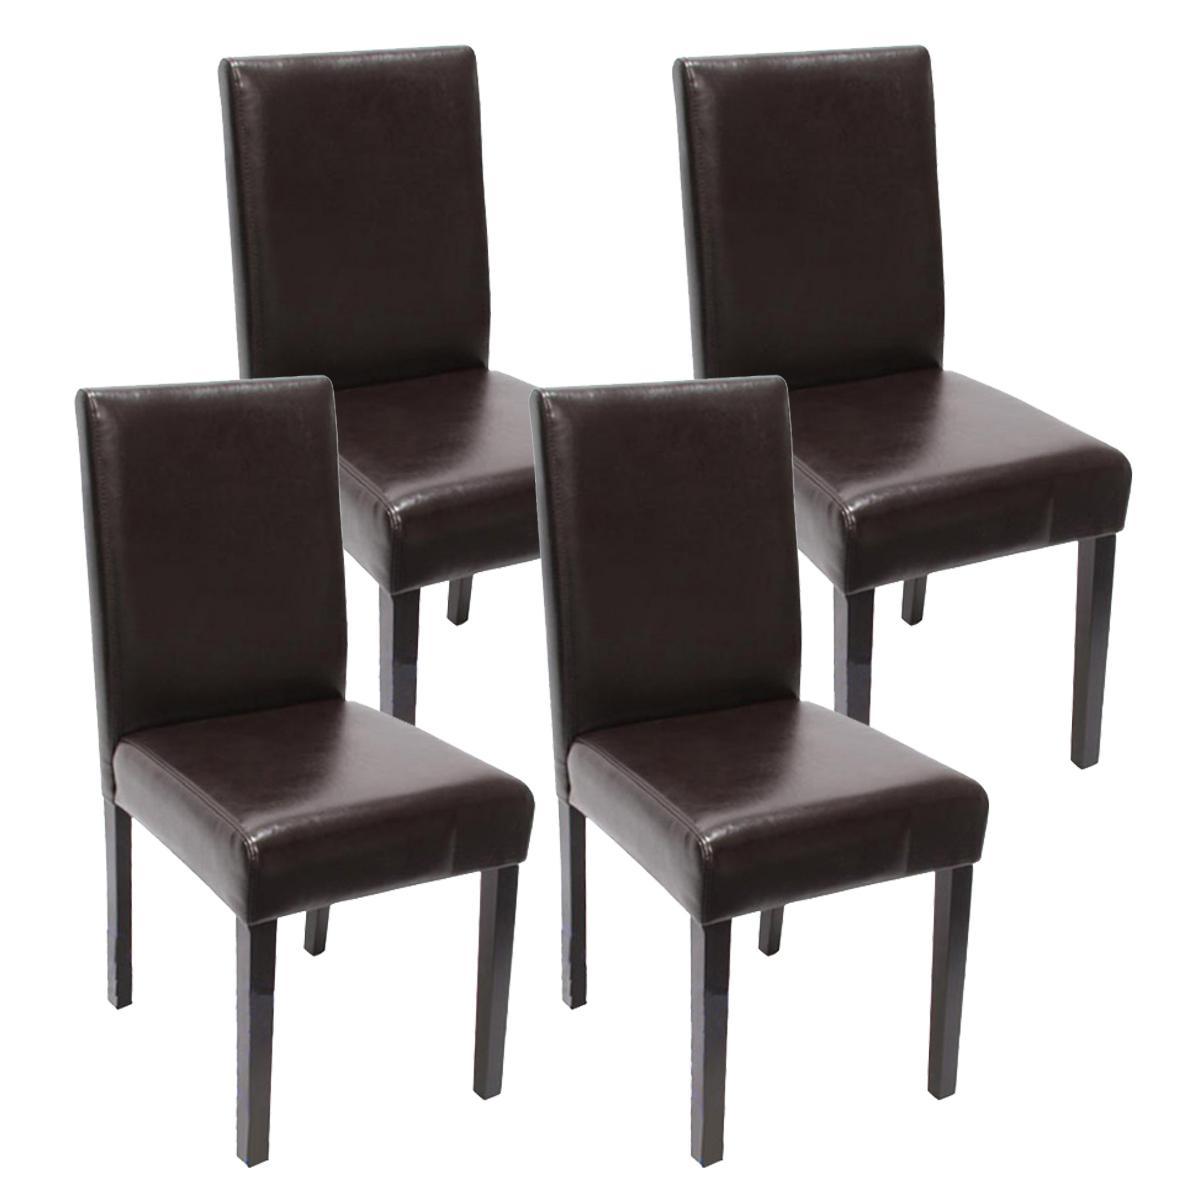 Lote 4 sillas comedor litau piel natural negra y patas - Sillas comedor piel ...